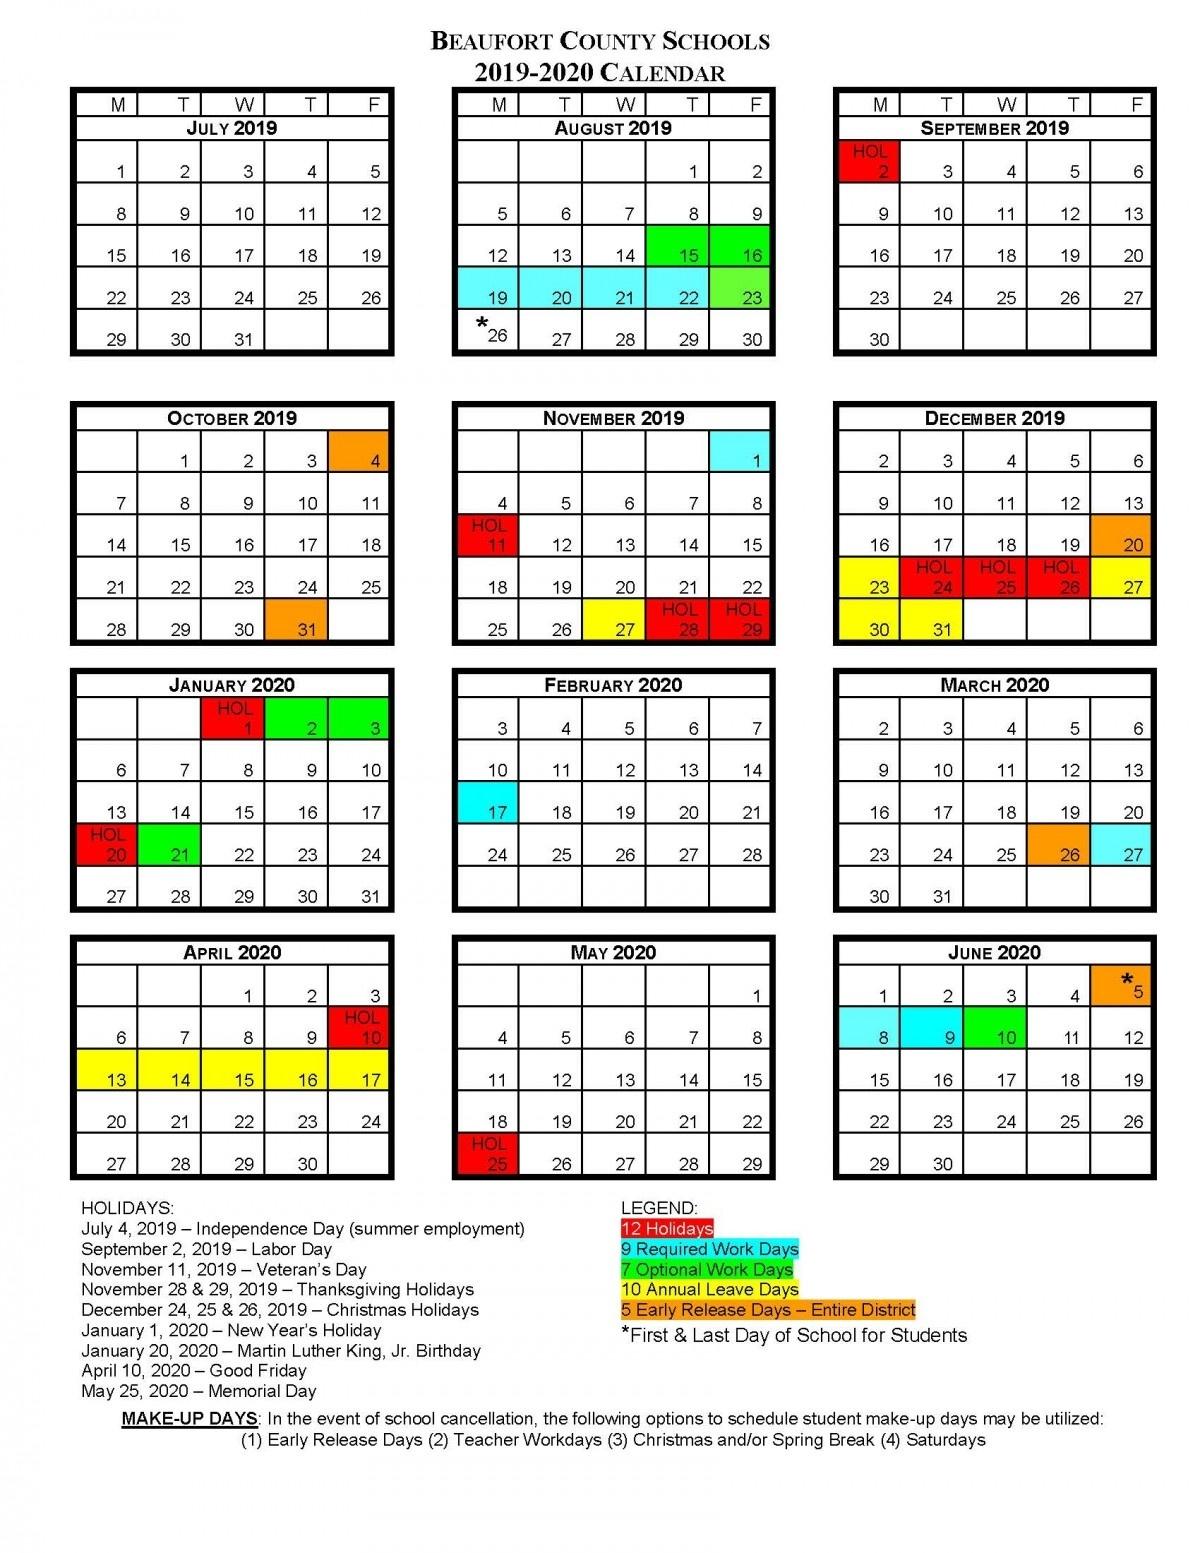 Bcs School Calendars | Beaufort County Schools_School Calendar North Carolina